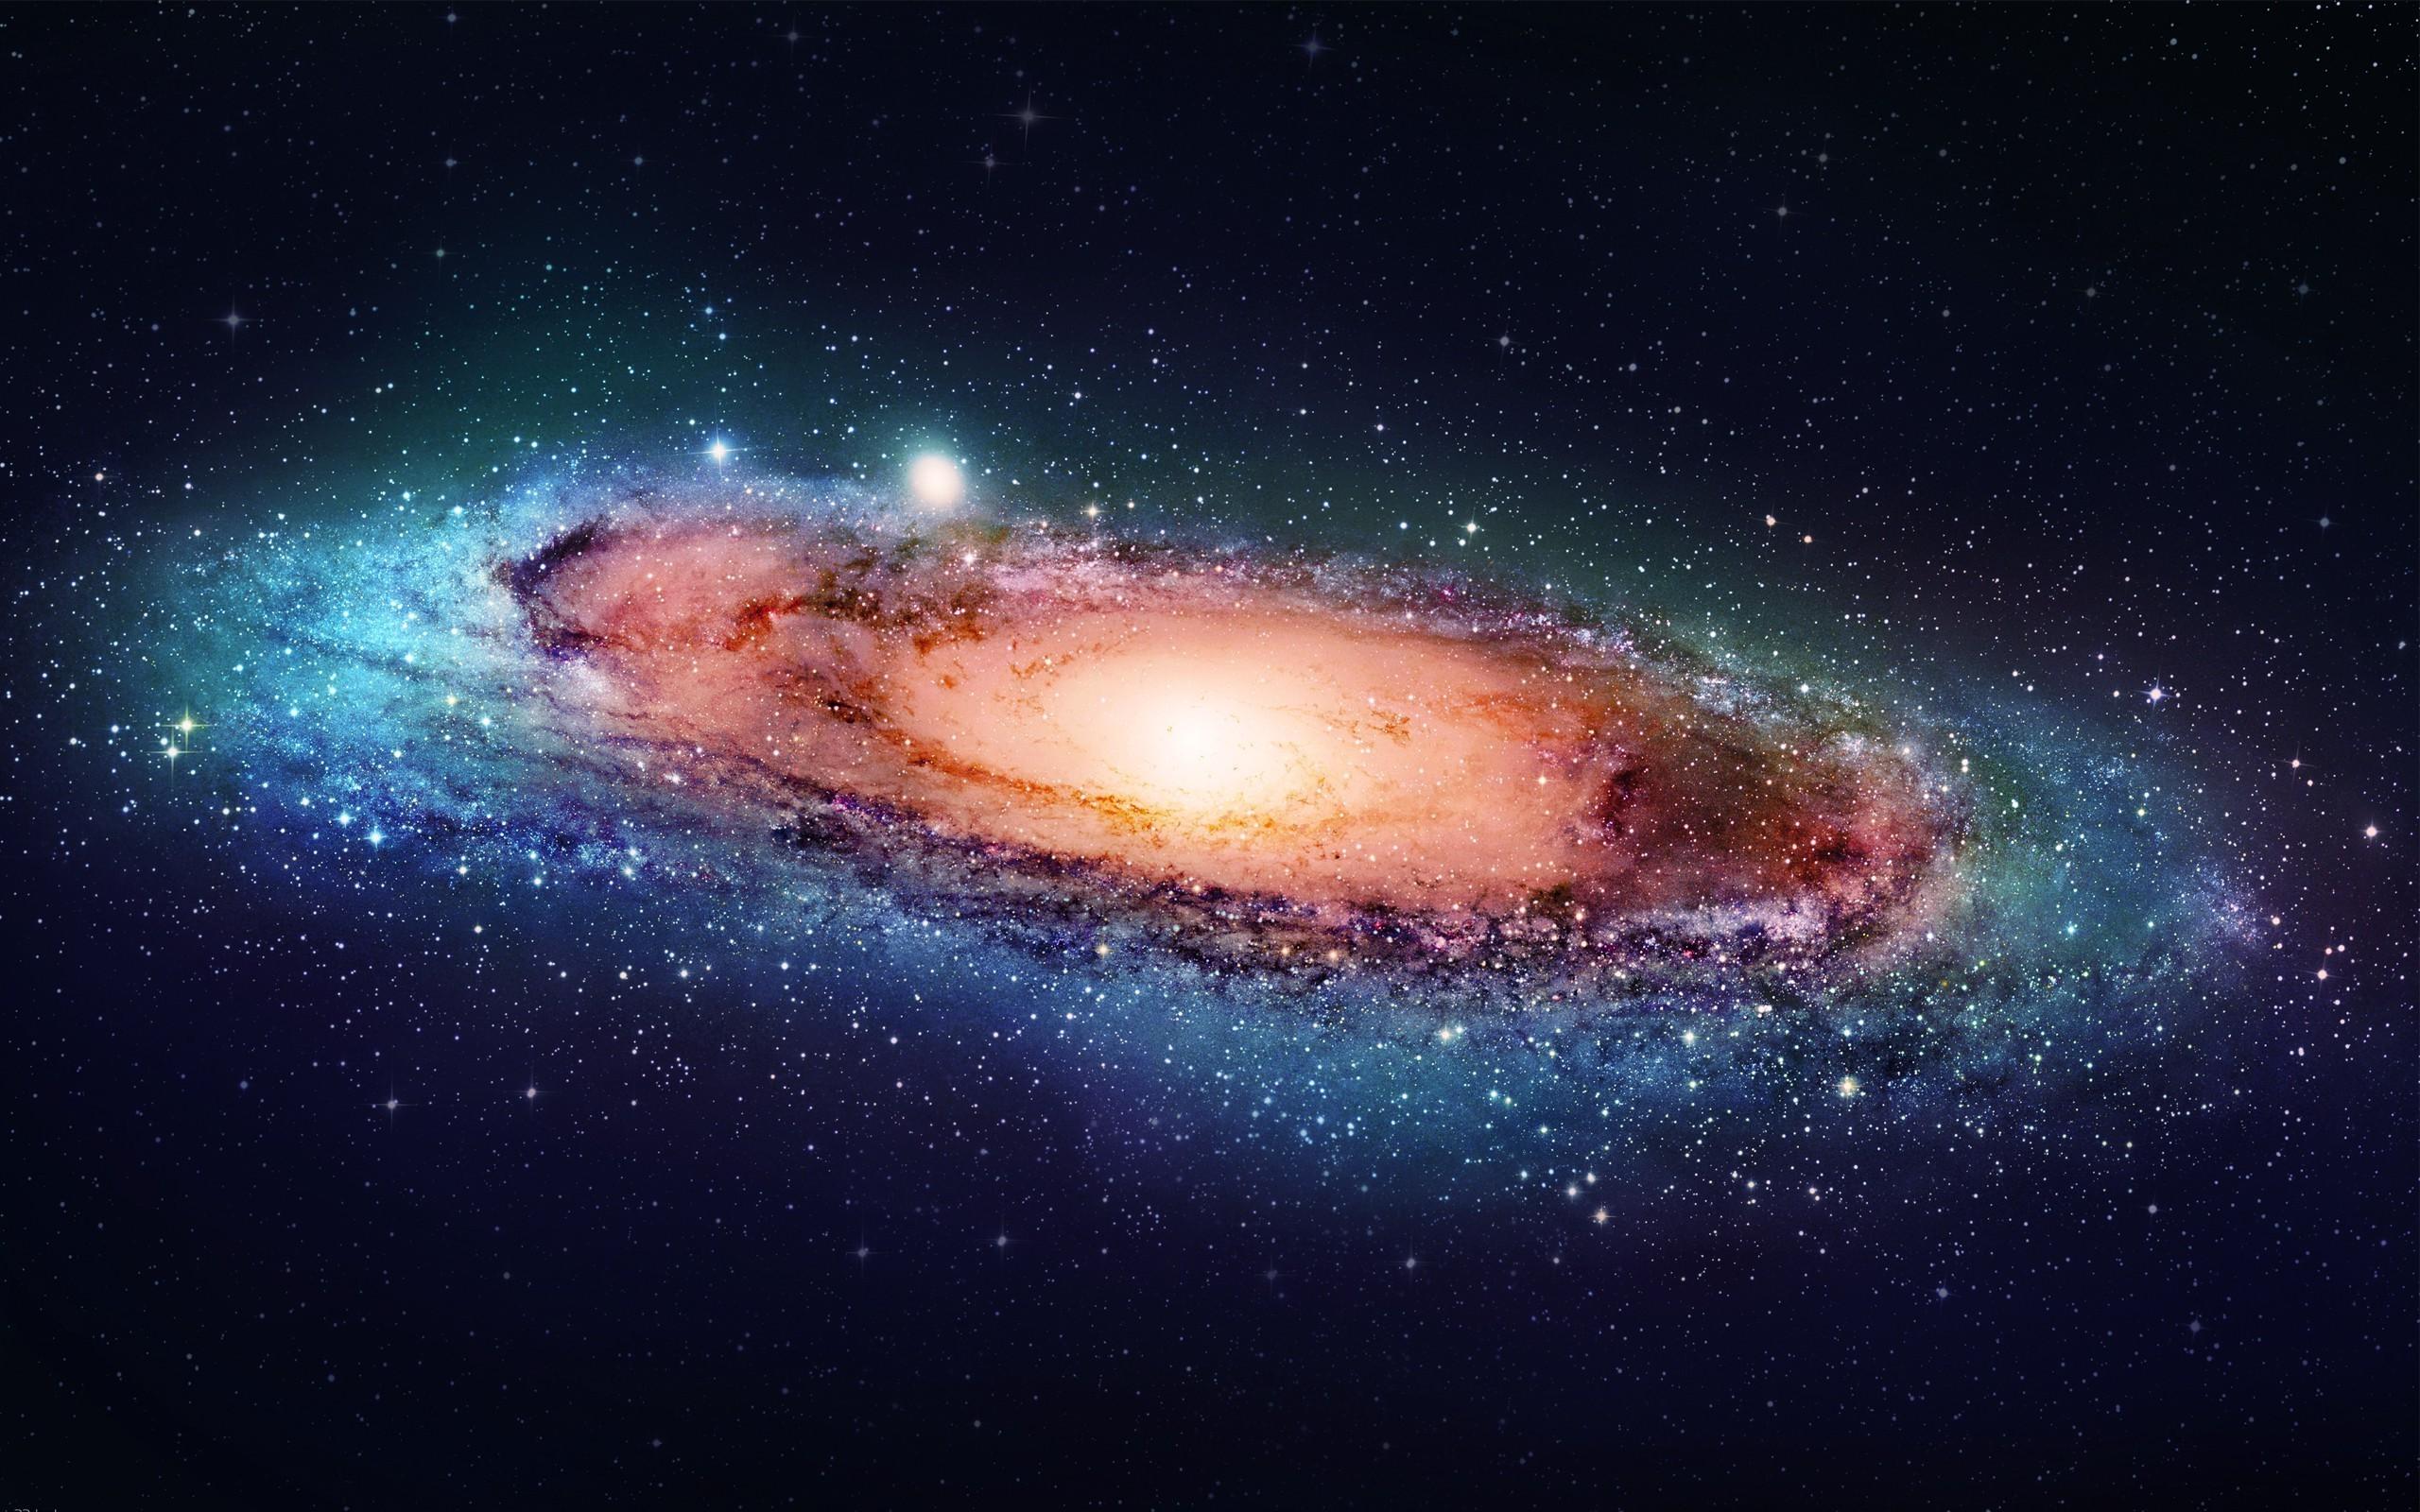 Andromeda galaxy wallpaper 15763 2560x1600